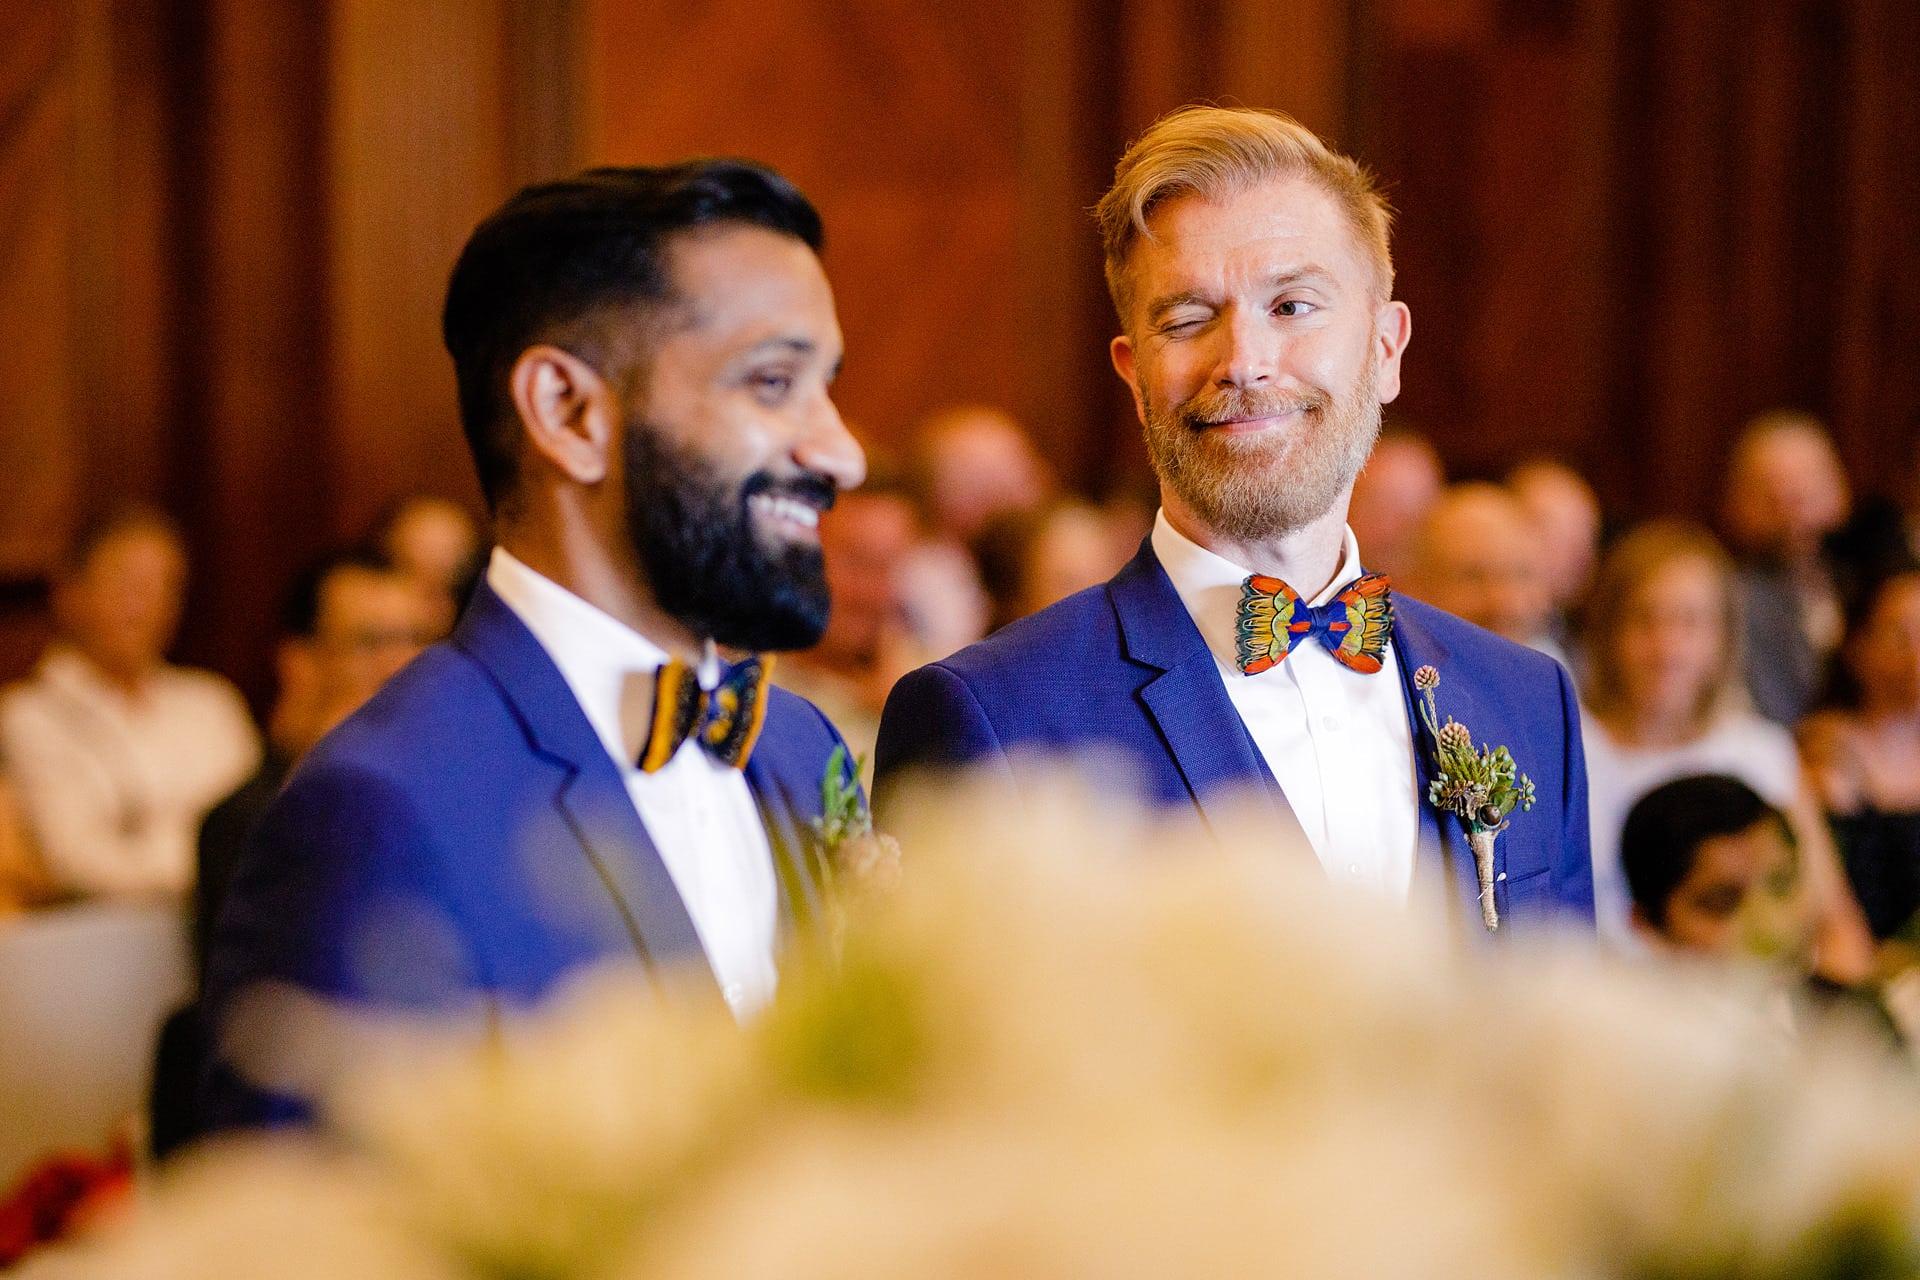 winking groom to groom